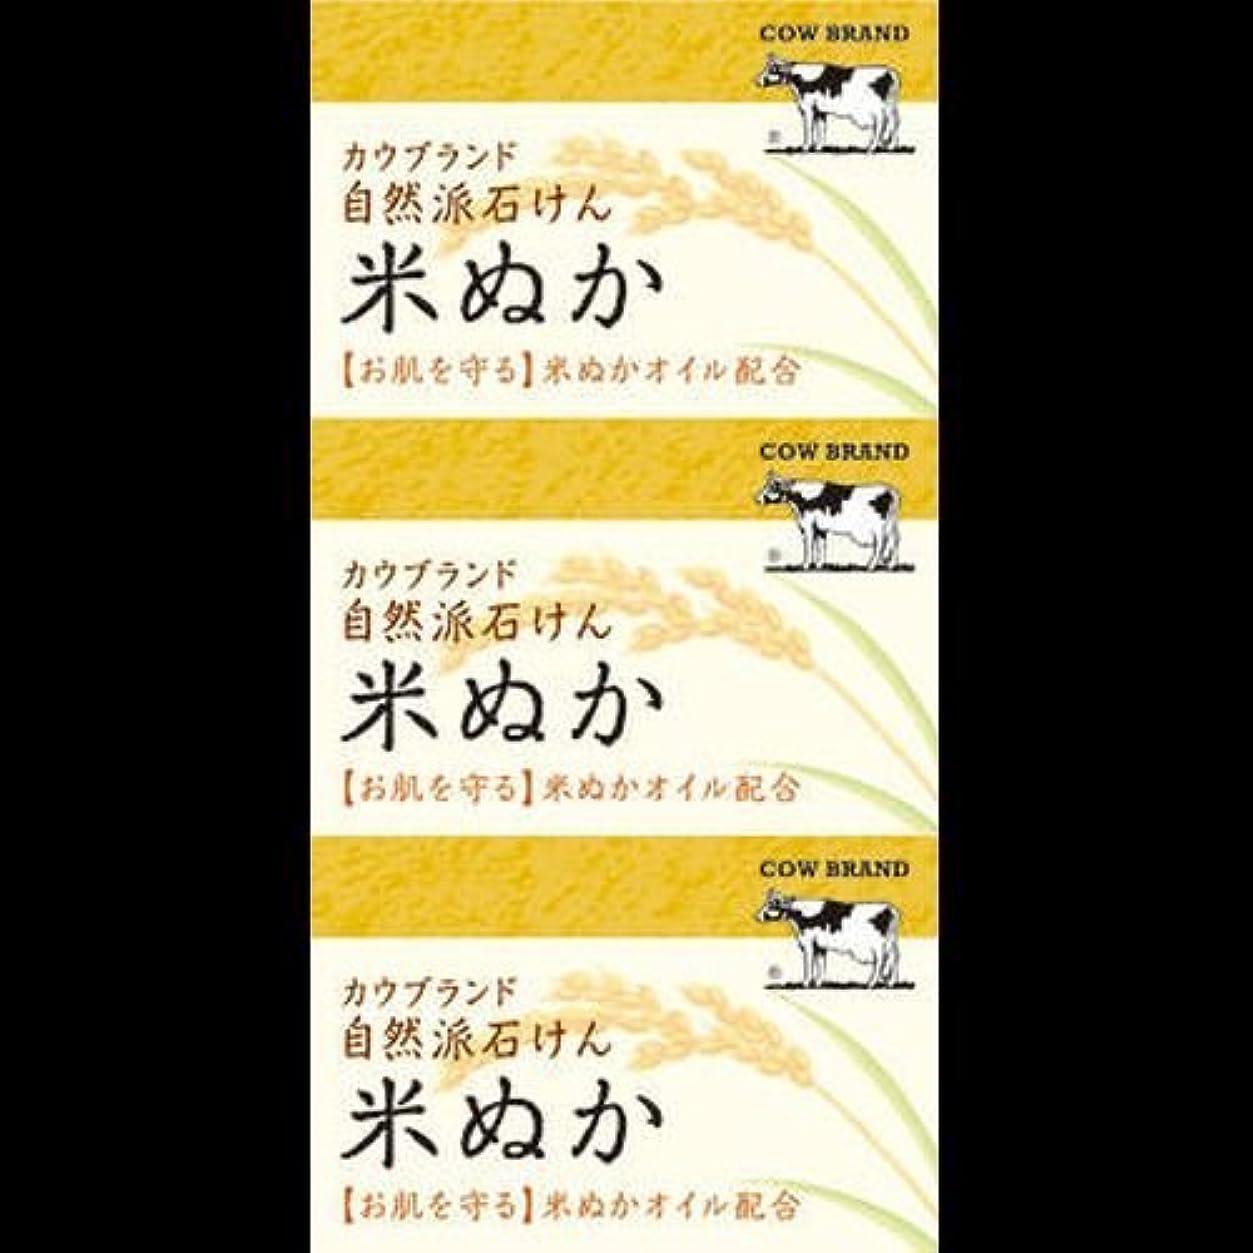 でる黄ばむ歯科の【まとめ買い】カウブランド 自然派石けん 米ぬか 100g*3個 ×2セット